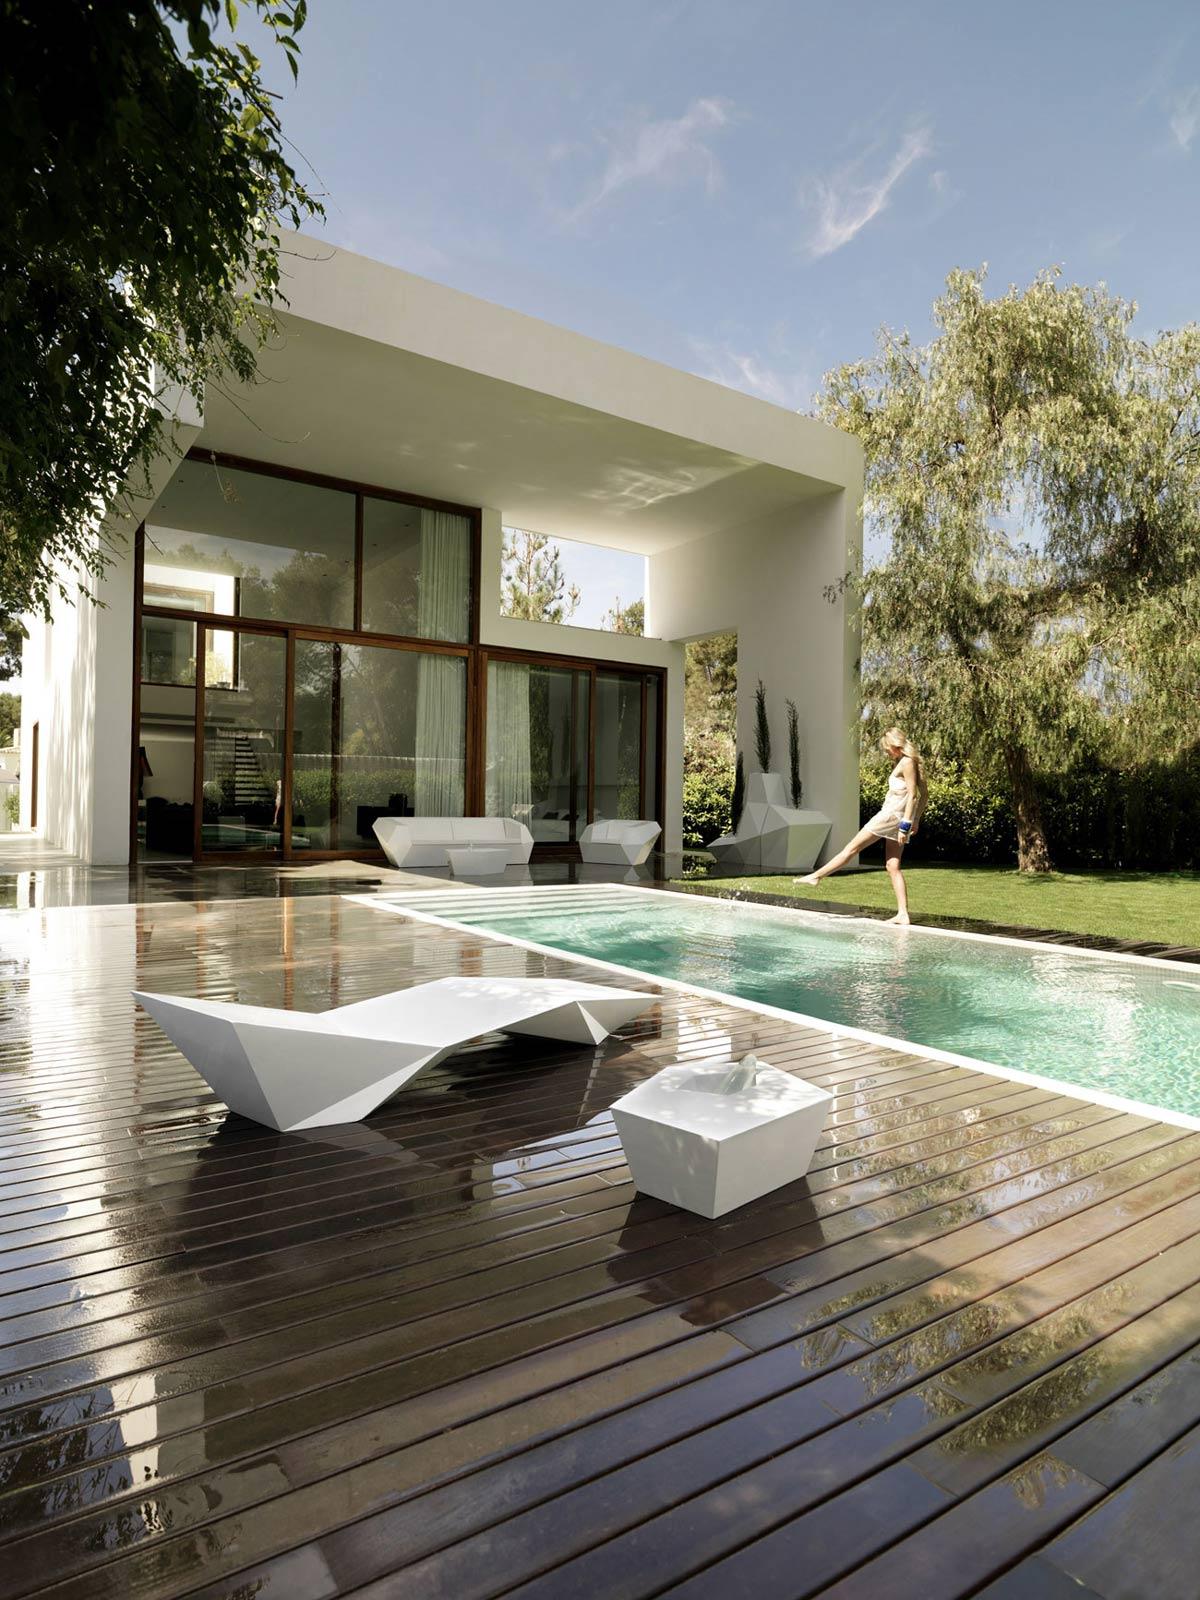 Casa minimalista en rocafort for Casa de lujo minimalista y espectacular con piscina por a cero